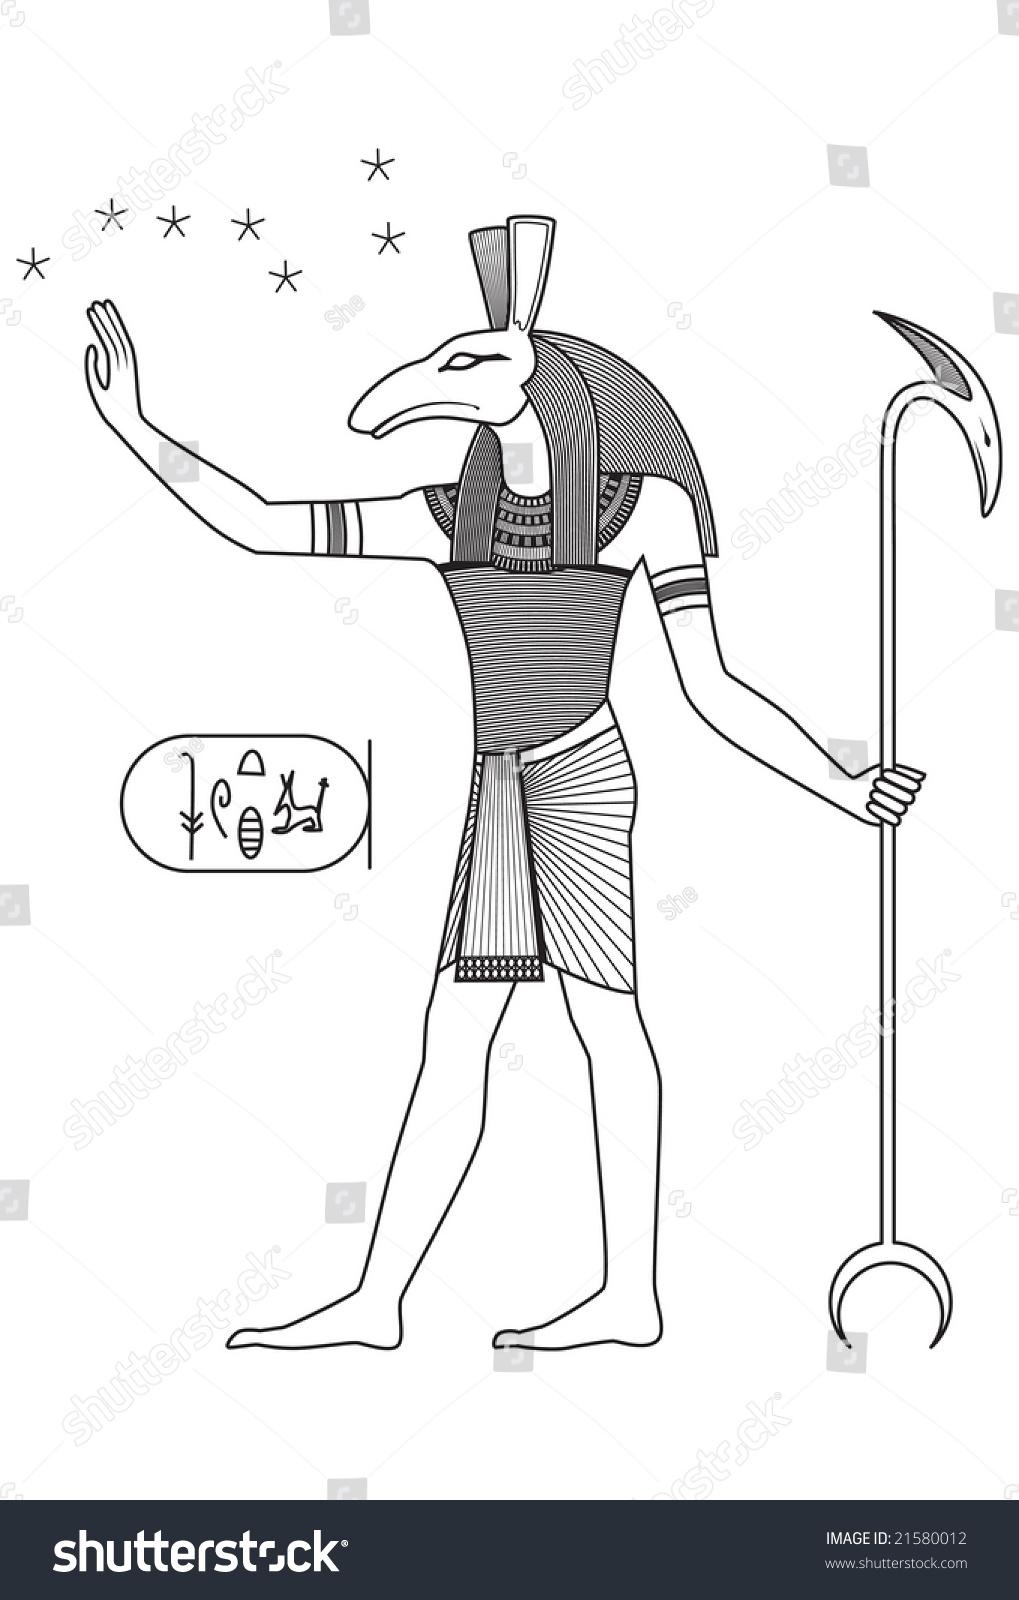 List of Greek mythological figures